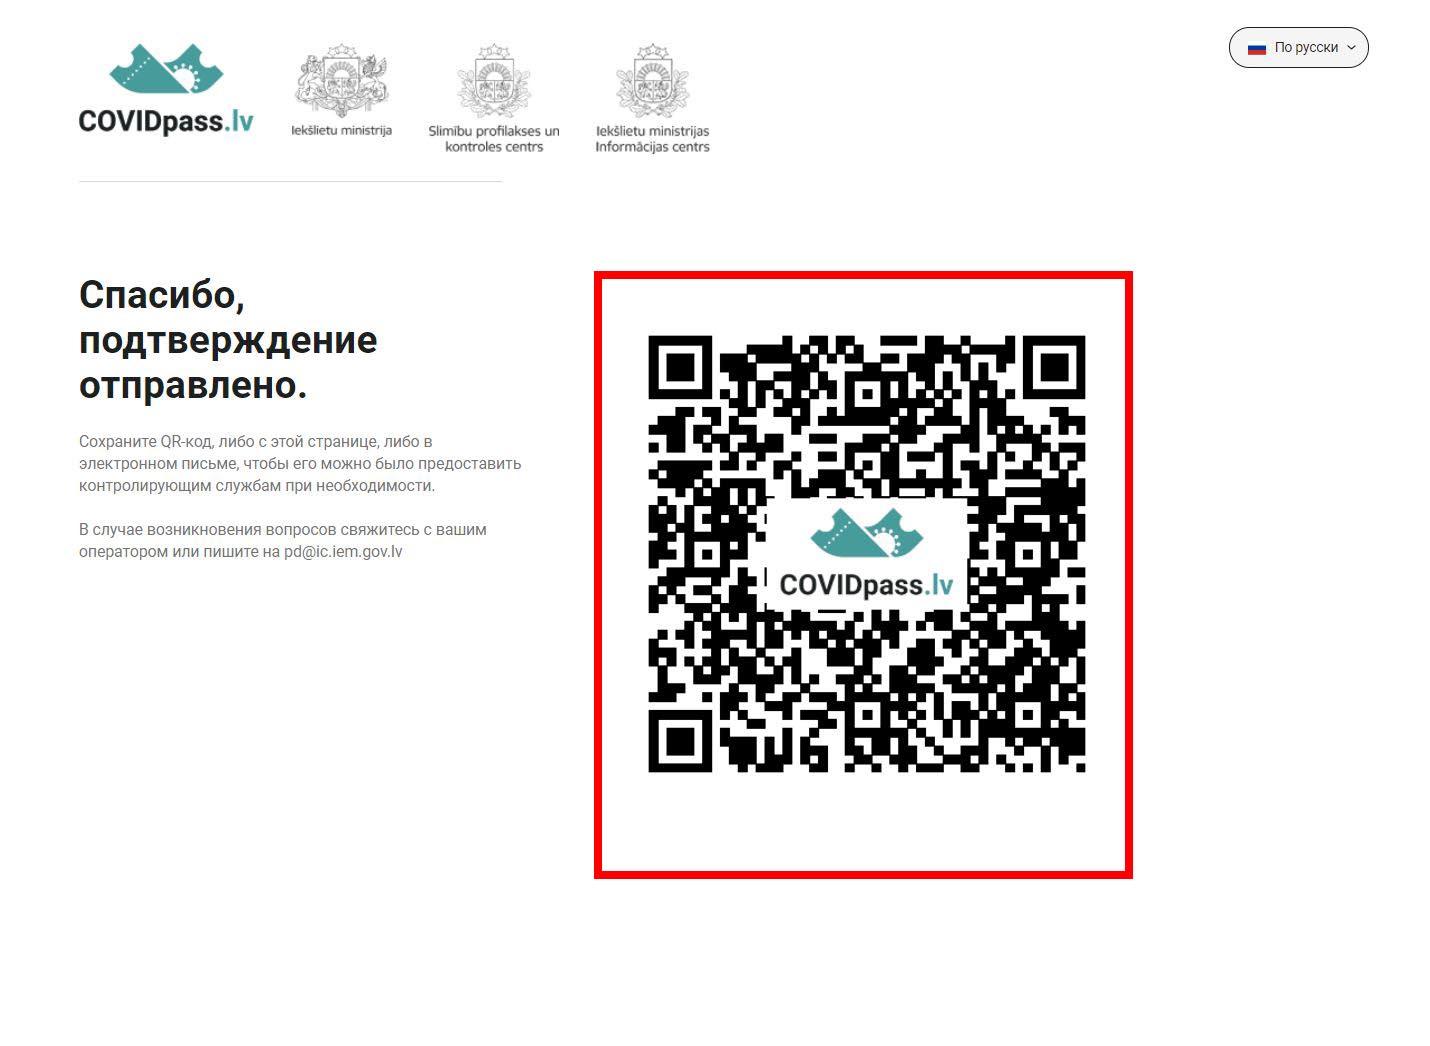 Заполнение QR кода при путешествии на автобусе Таллинн - Минск от VR Lines